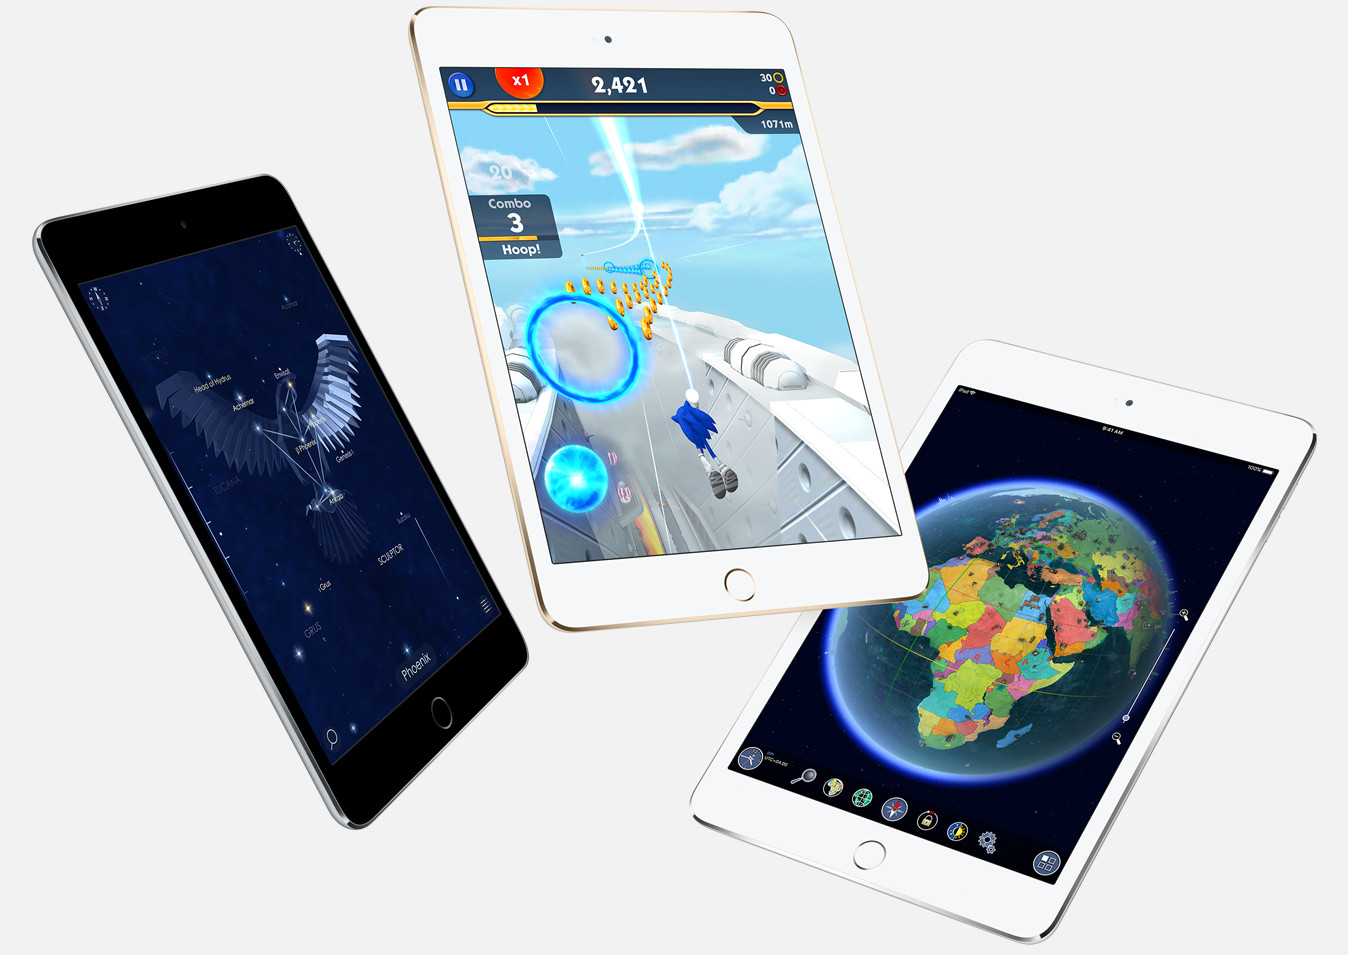 Apple iPad mini 4 tablets